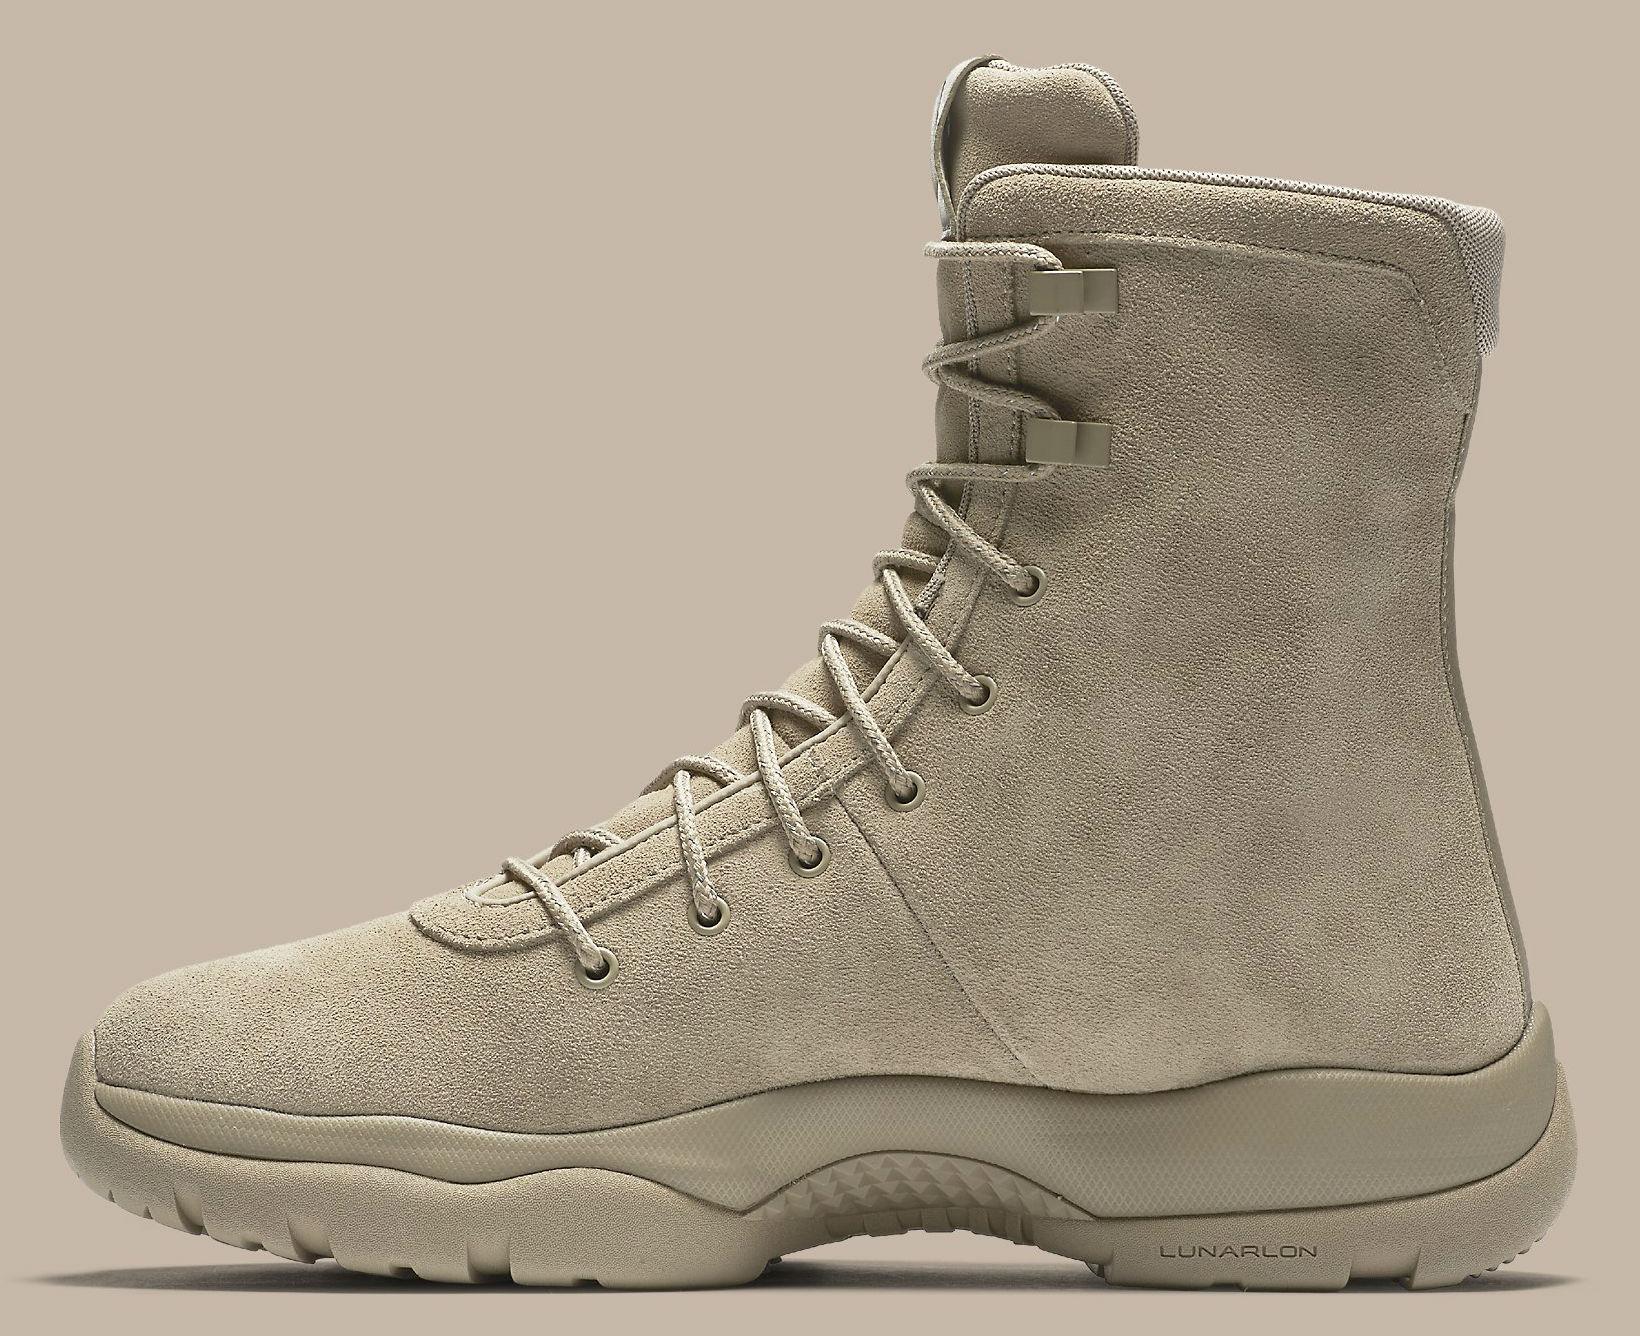 Air Jordan Future Boot Khaki Medial 878222-205